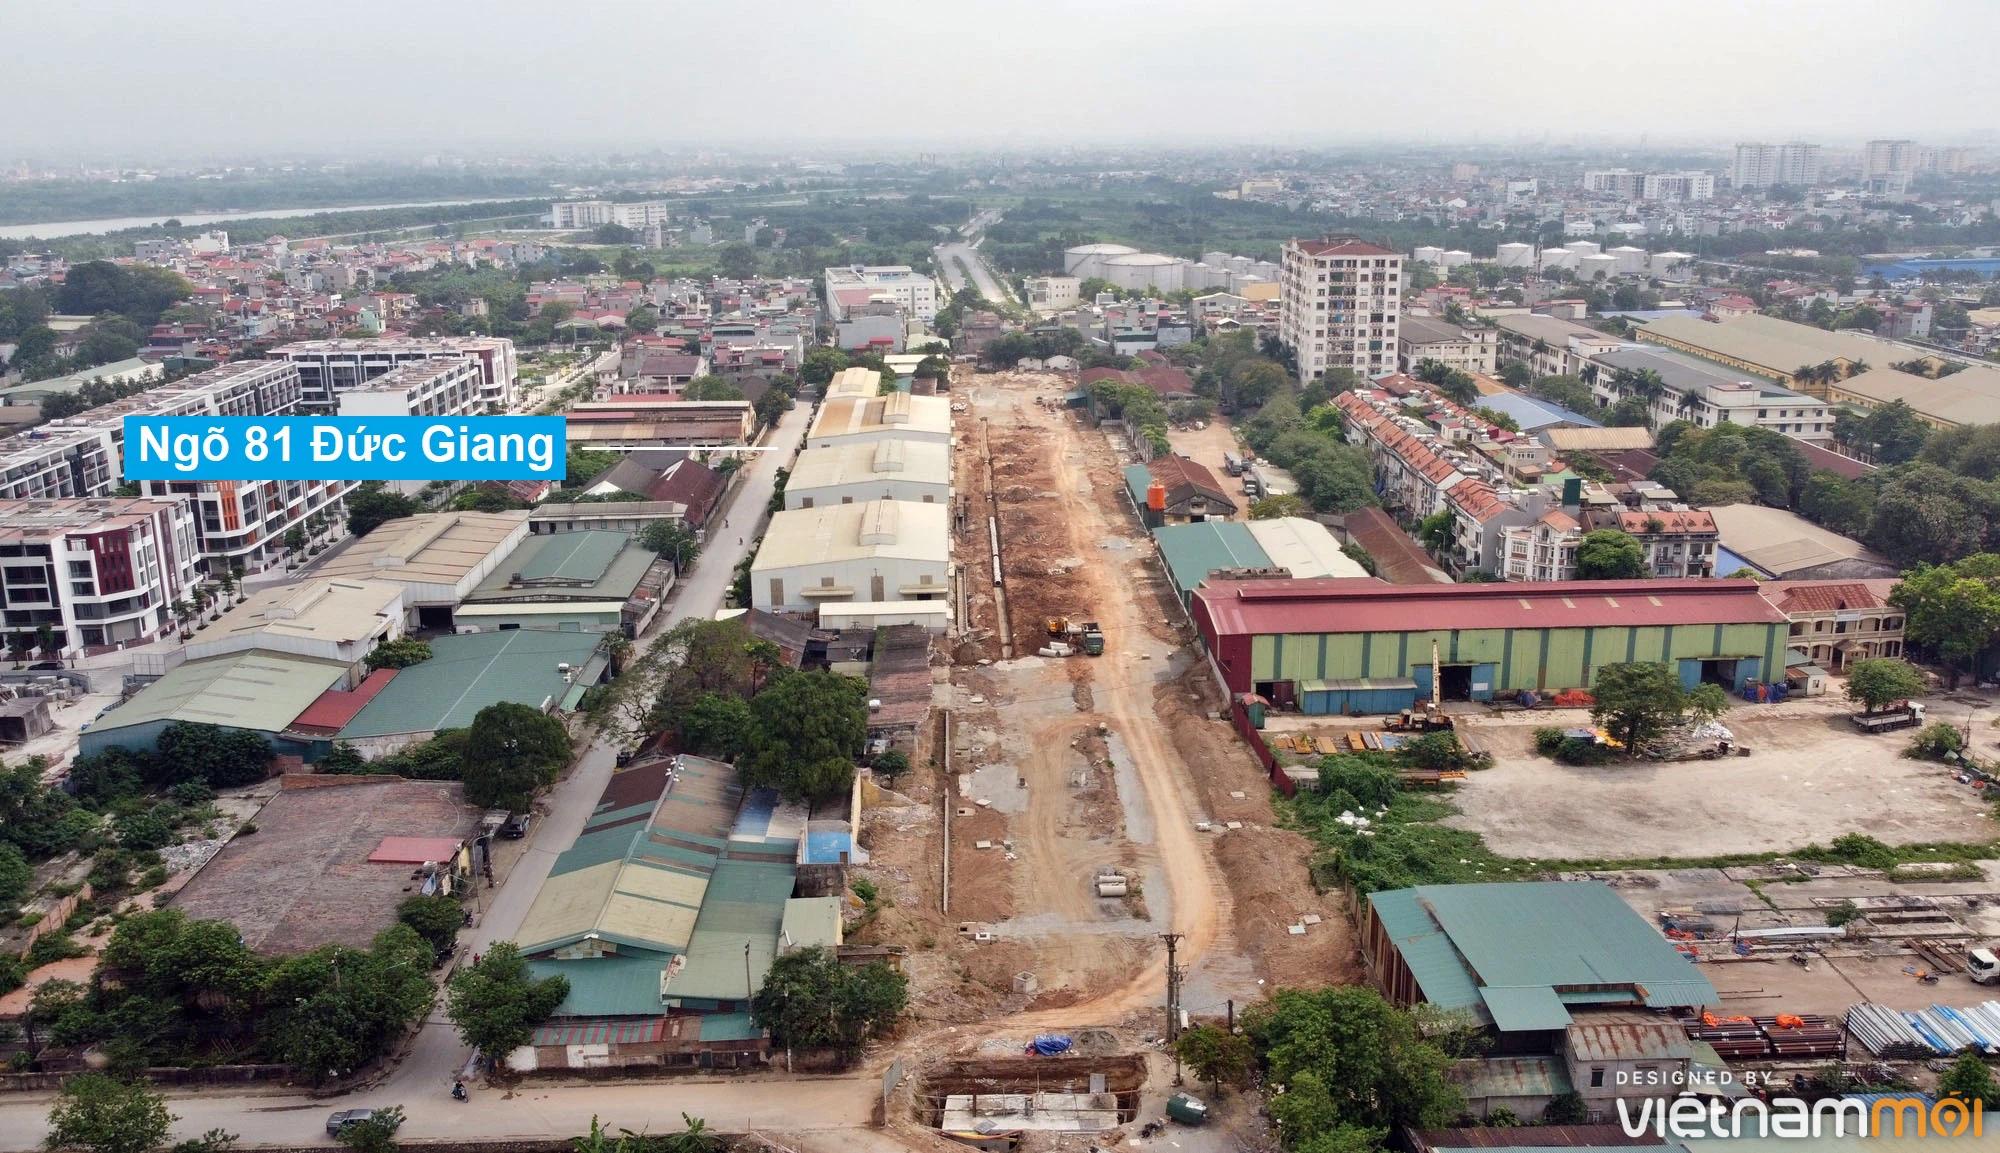 Toàn cảnh đường từ đê Ngọc Thụy đến KĐTM Thượng Thanh đang mở theo quy hoạch ở Hà Nội - Ảnh 10.